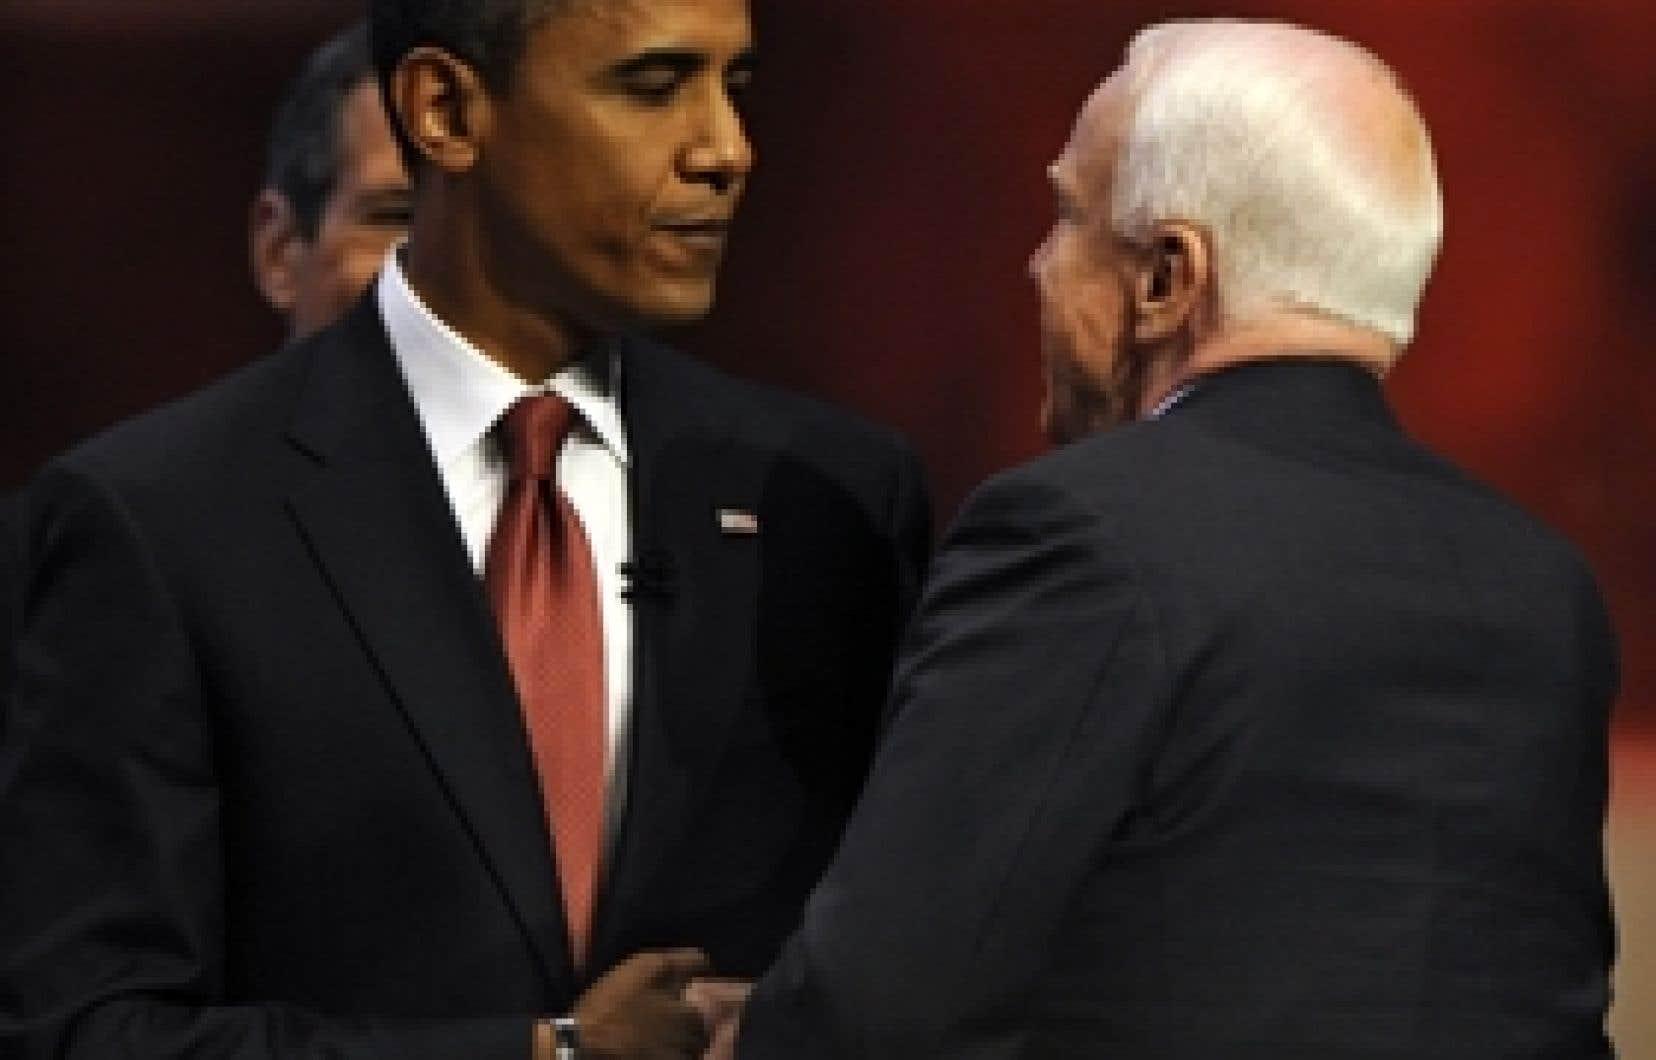 Barack Obama et John McCain, jeudi: les deux prétendants à la succession de George W. Bush sont au coude-à-coude dans les sond0ages.